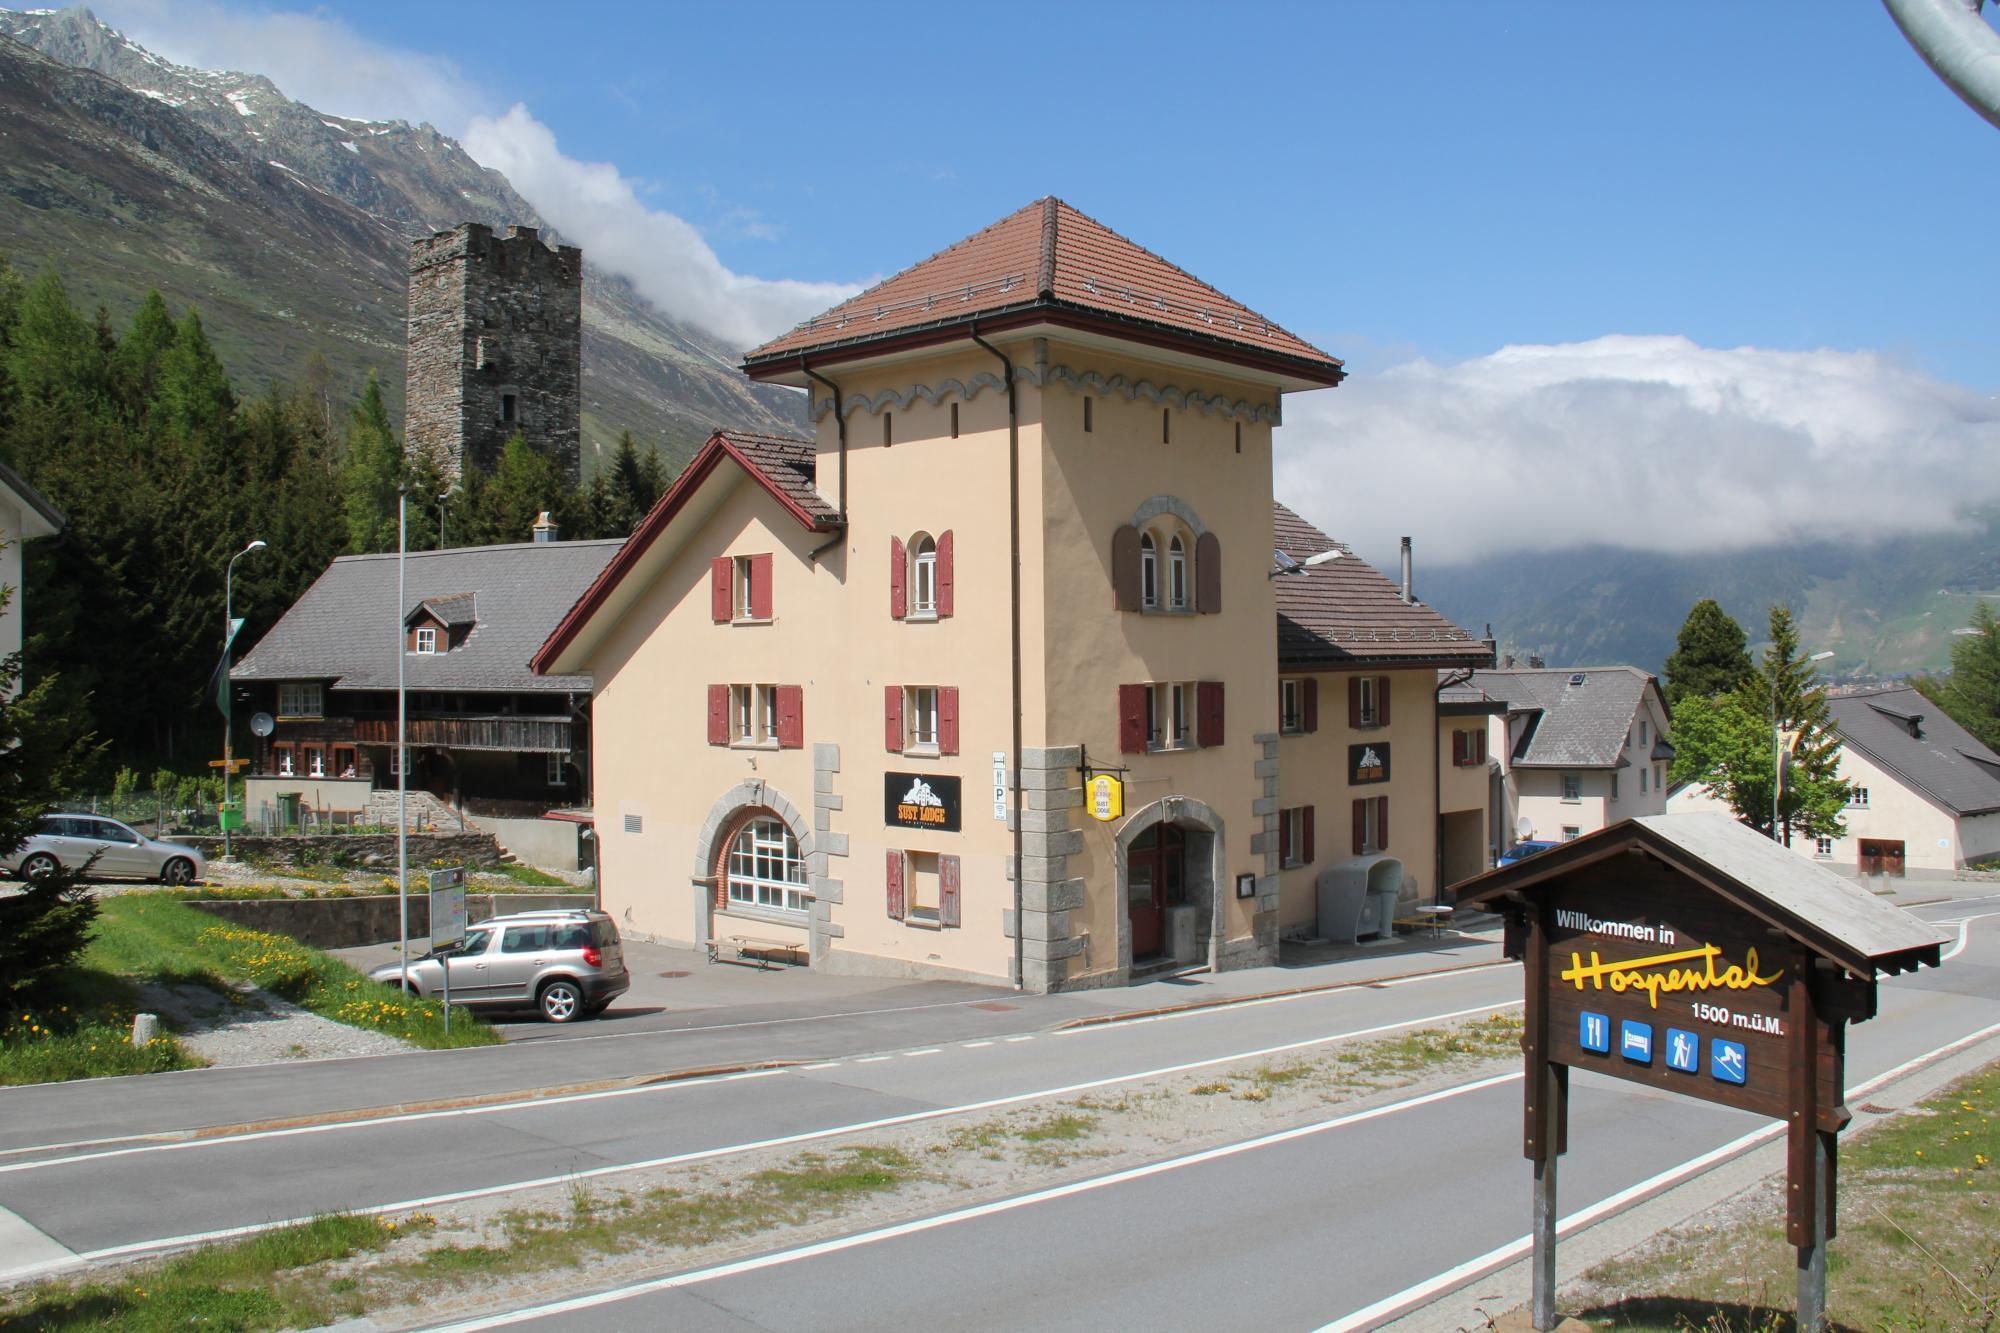 Sust Lodge